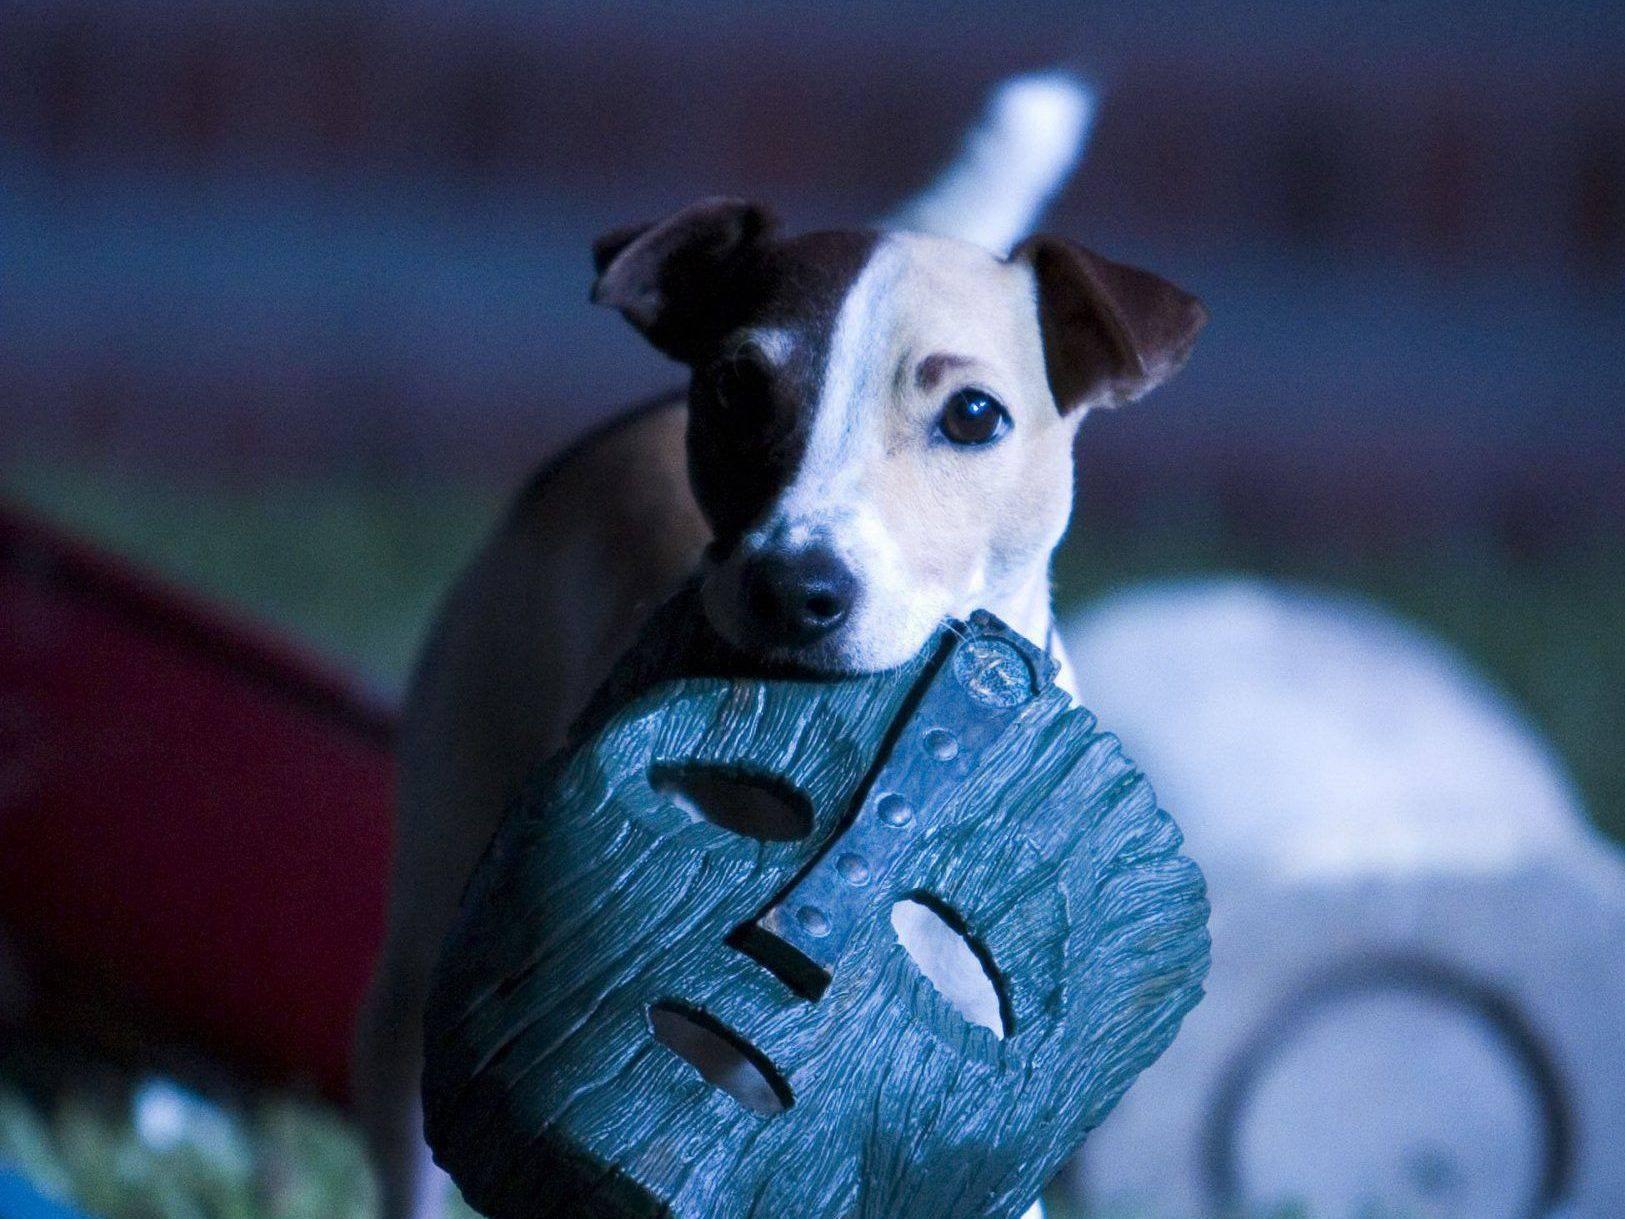 Какая порода собаки майло из фильма маска?